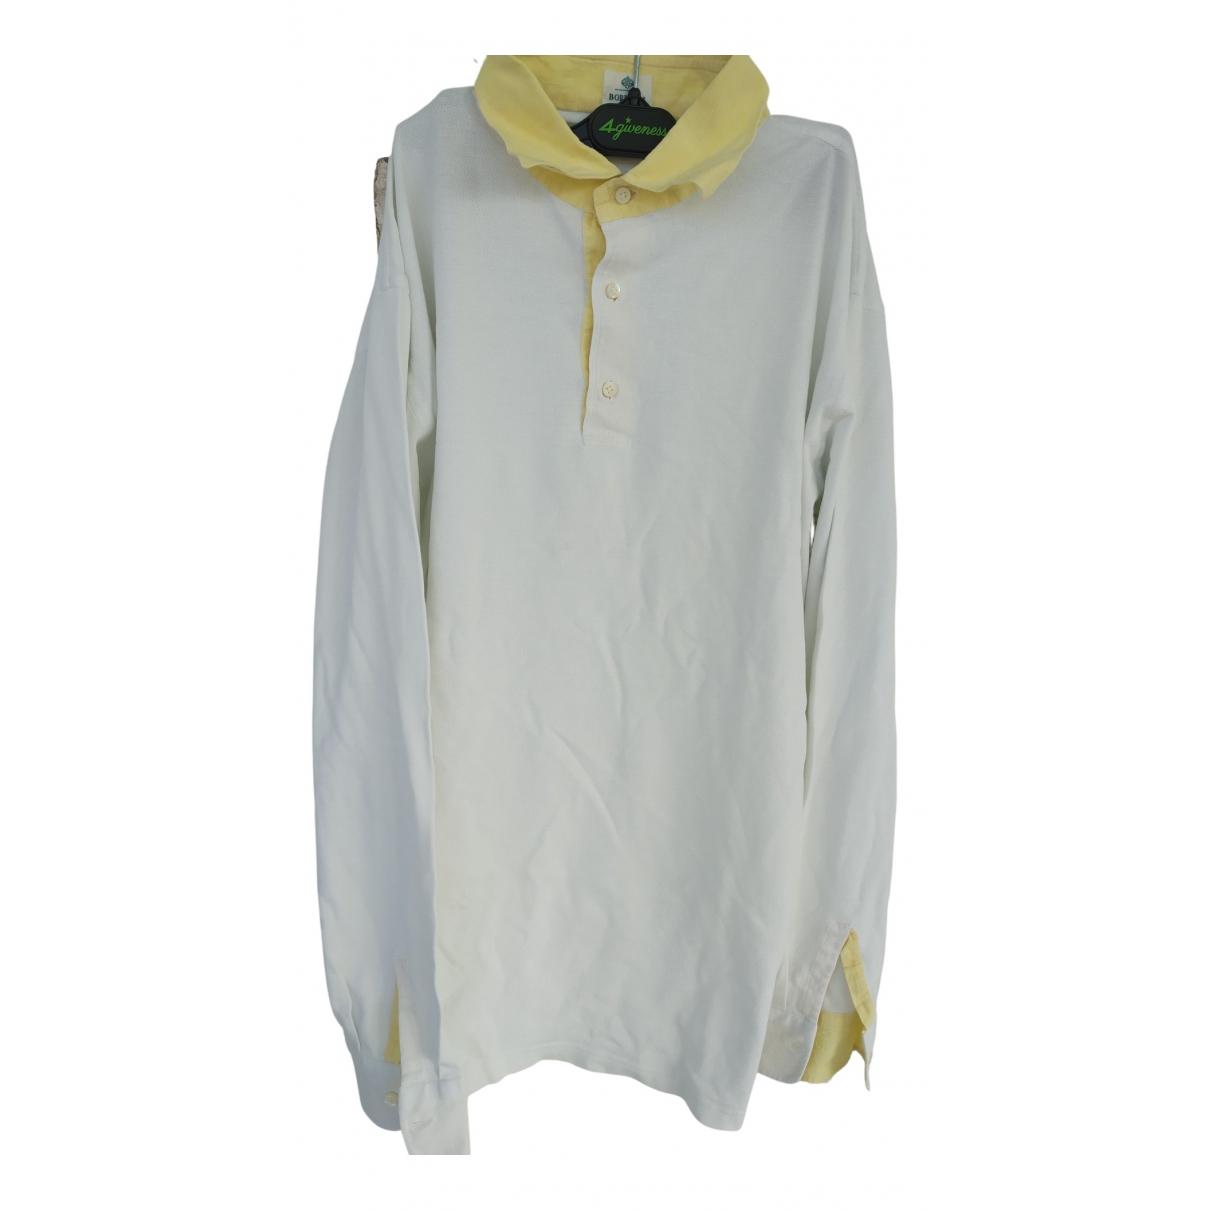 Borrelli - Polos   pour homme en coton - jaune